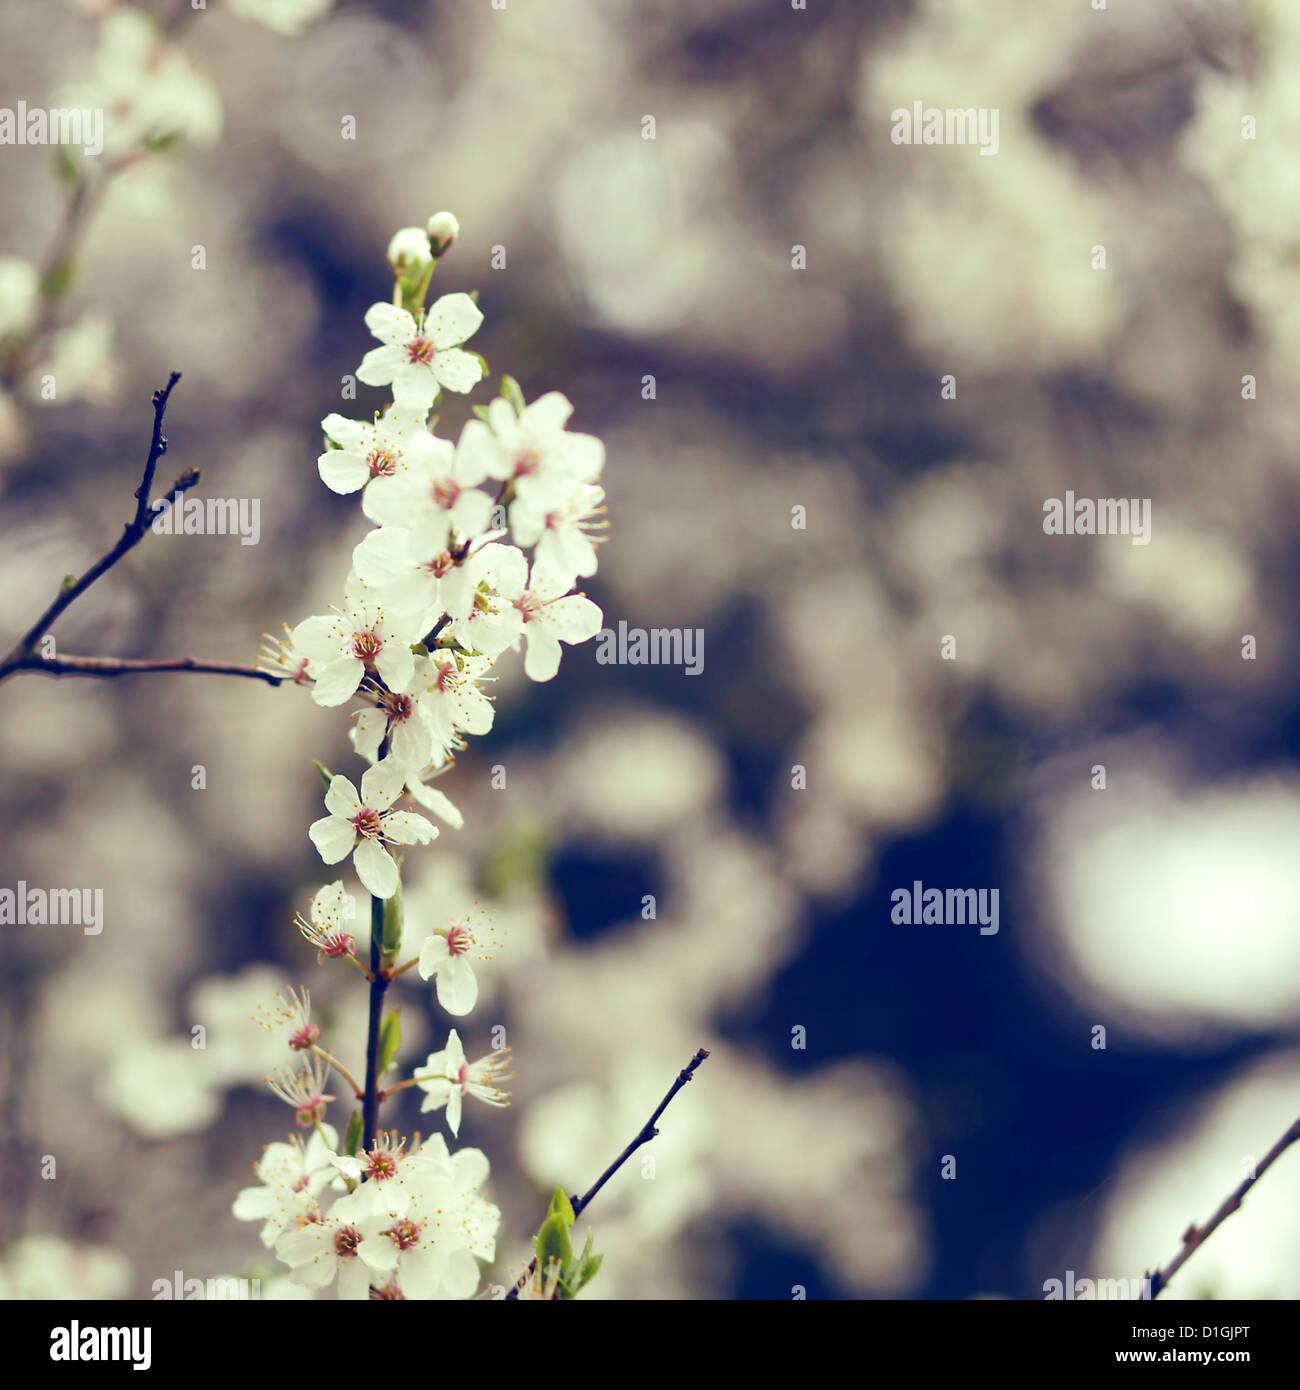 Un cierre de blanco flor de cerezo en flor en la primavera Imagen De Stock